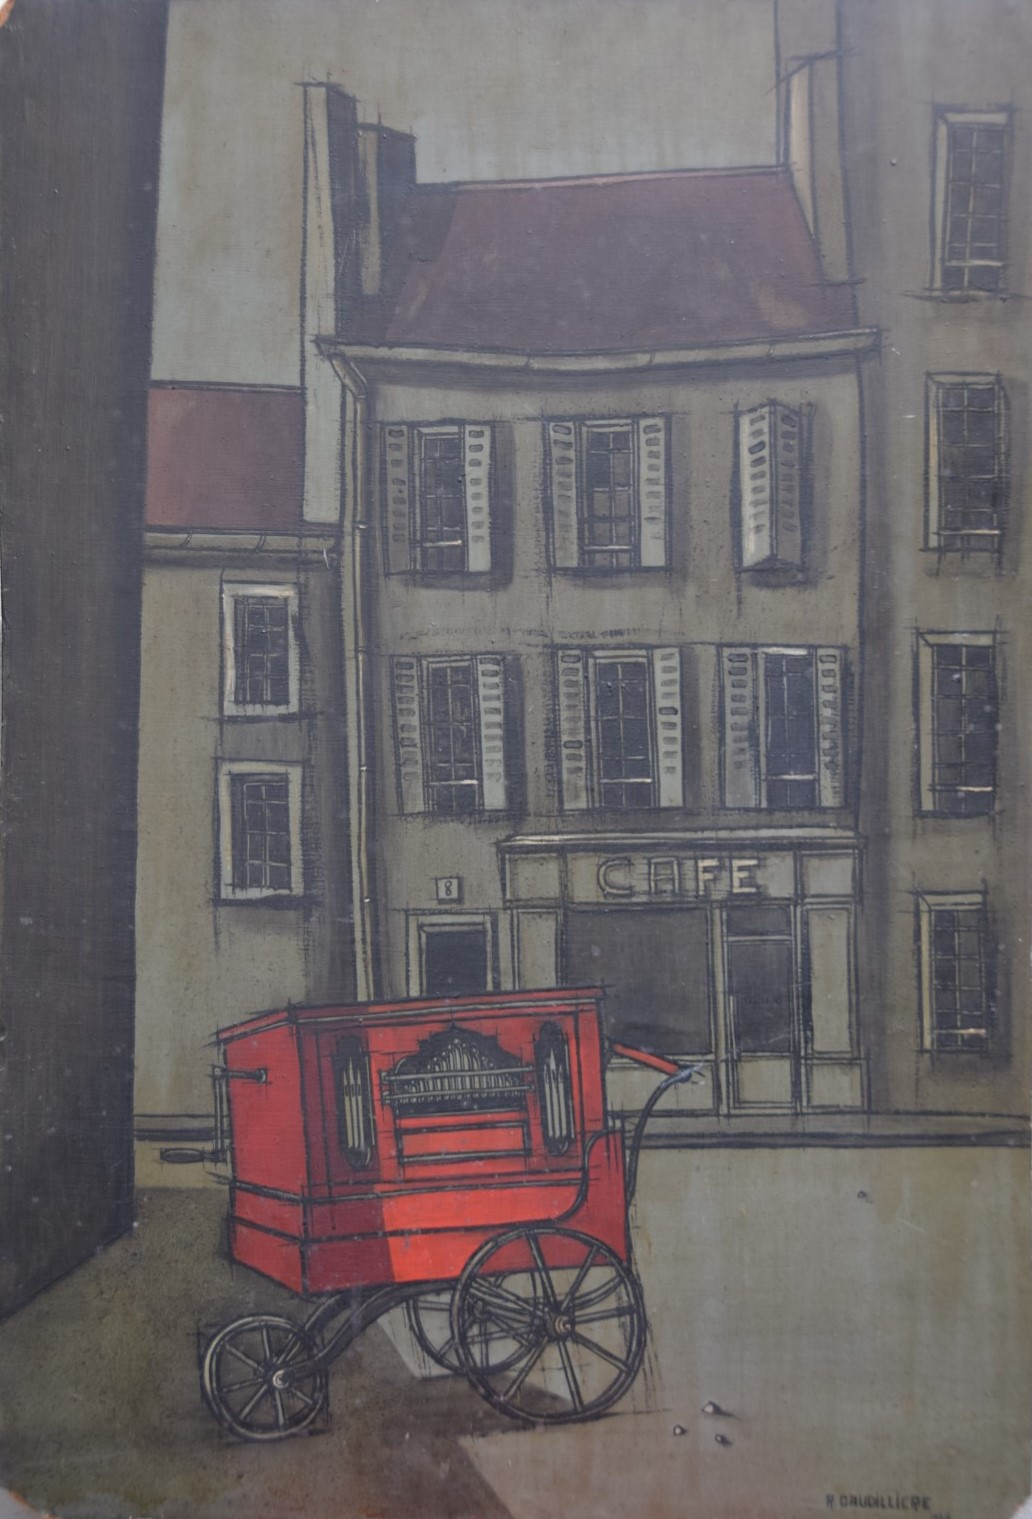 1955 l'orgue de barbarie 0,72-0,50 isorel,signé Roland Gaudillière